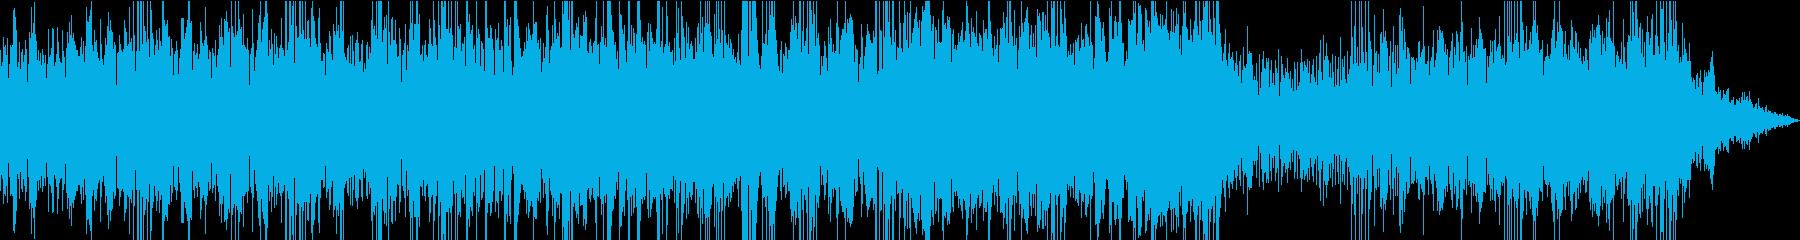 グルーヴ感を感じる曲です。の再生済みの波形